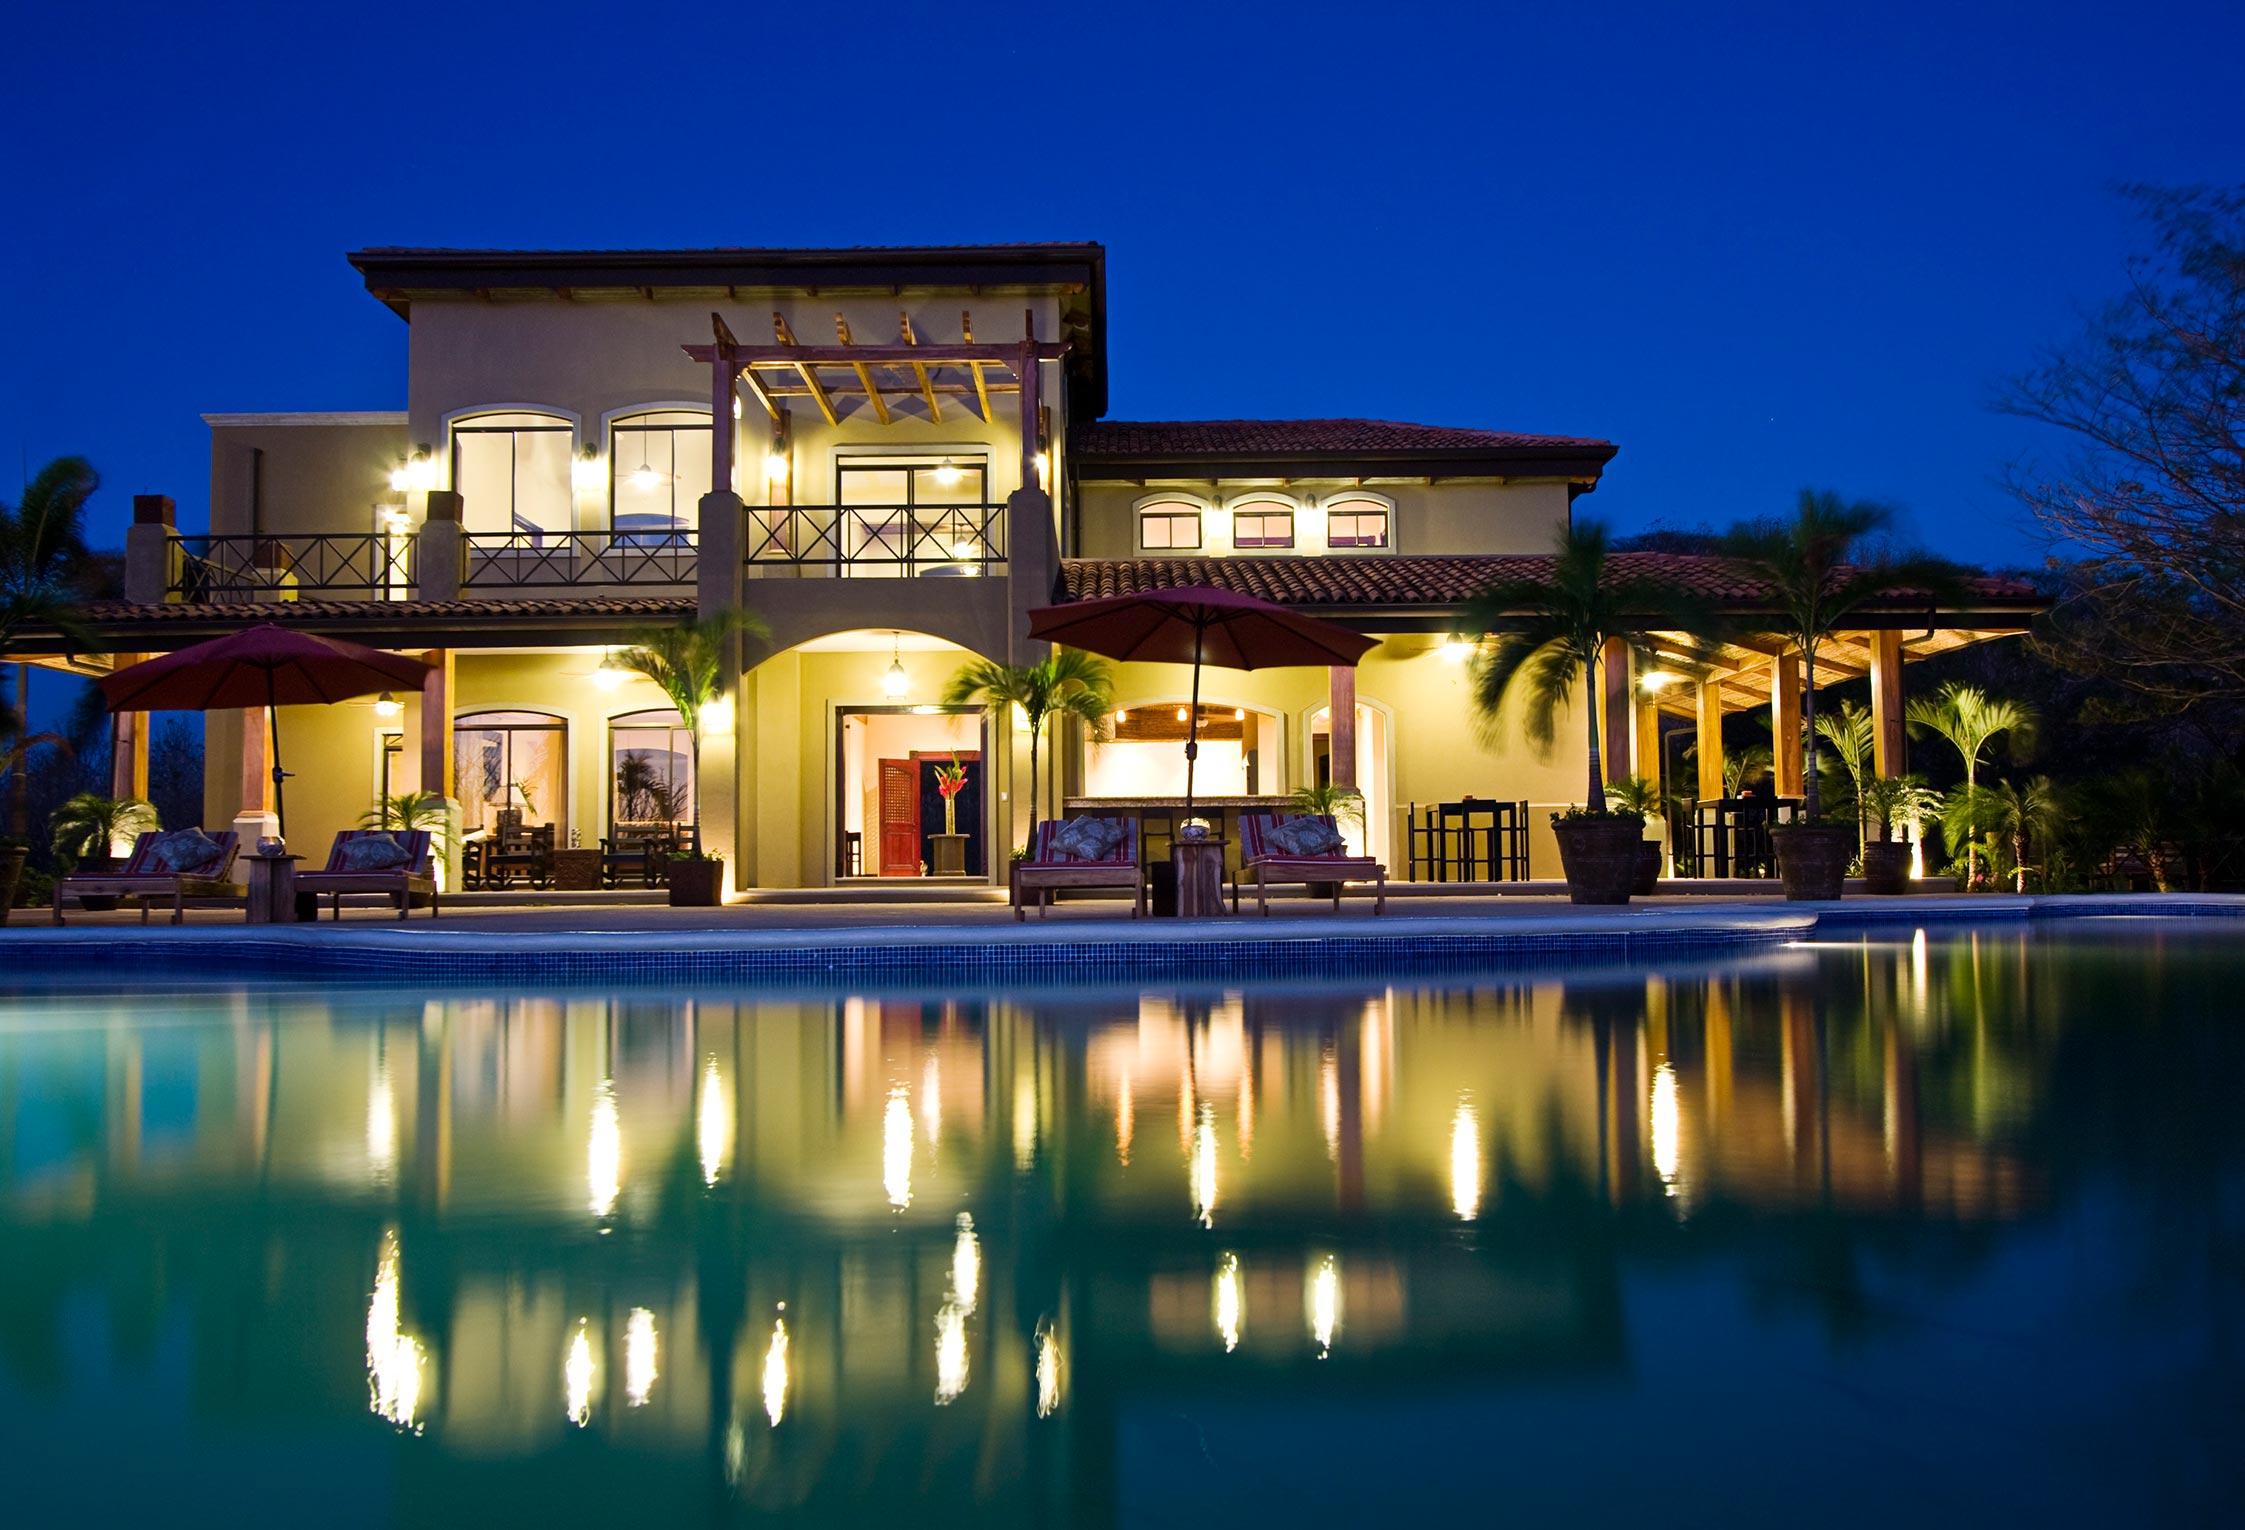 Valenzia House